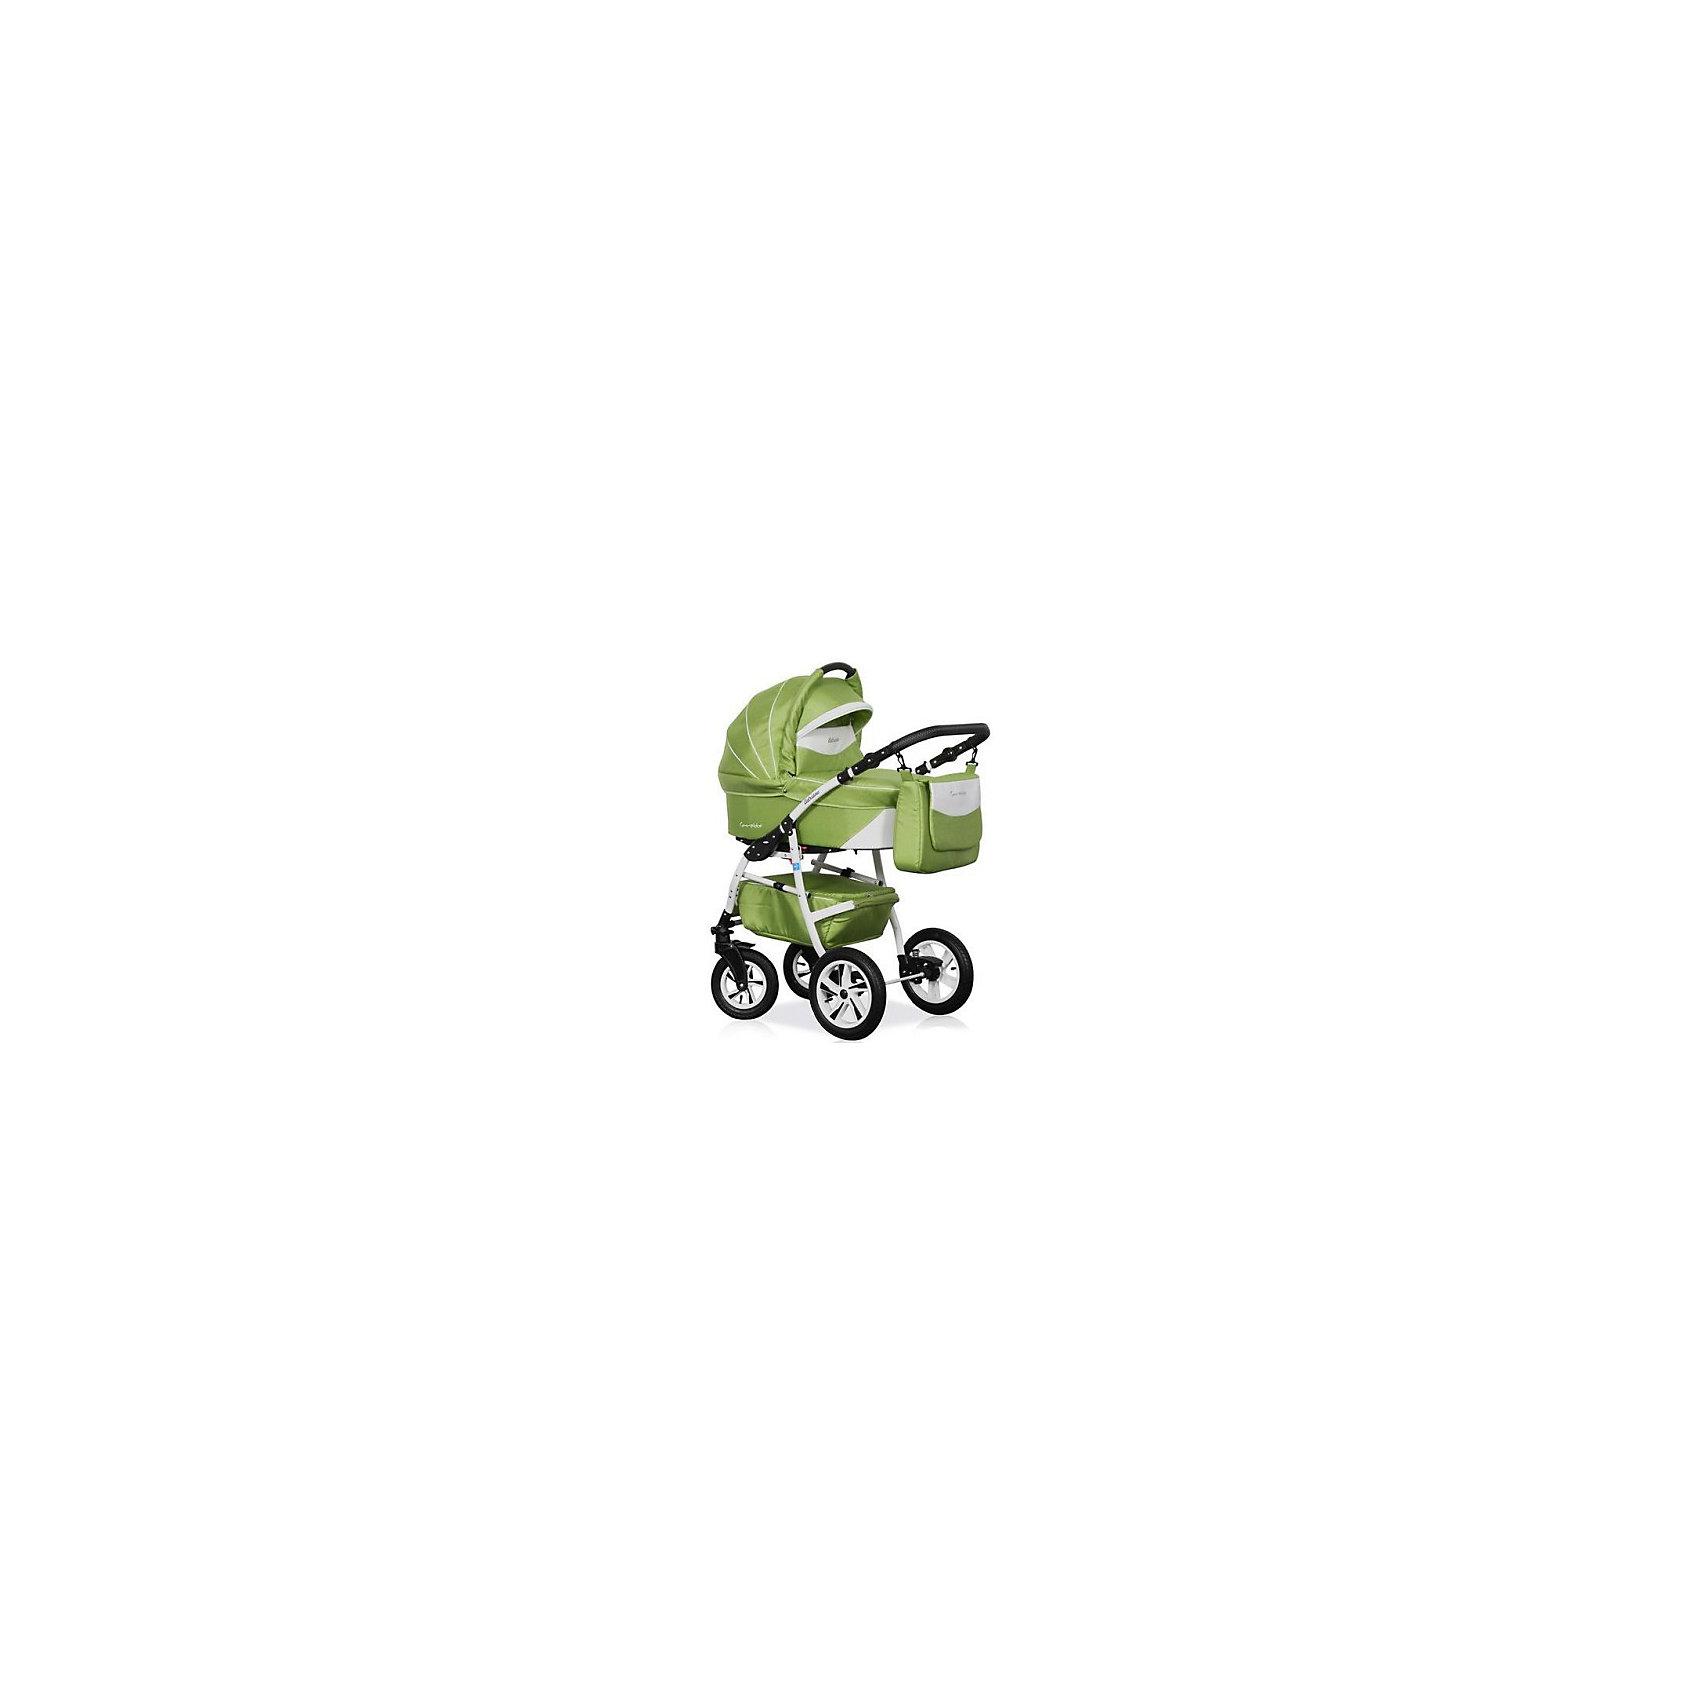 Коляска 2 в 1 Caretto Adriano, салатовыйКоляски 2 в 1<br>Коляска 2 в 1 Adriano, Caretto (Каретто), бронзовый – эта новая, многофункциональная модель детской коляски, предназначенная для детей с рождения и до 3-х лет. Все элементы и детали коляски изготовлены из экологически безопасных материалов. Защита вашего малыша от травм и падений будет обеспечена самыми современными ремнями безопасности. Люлька отличается большим коробом, поэтому даже крупному малышу в ней будет удобно и комфортно.<br>Коляска Caretto Adriano 2 в 1 универсальна в своем использовании: внутренняя обивка выполнена из тонкого хлопкового полотна, что позволяет создавать и поддерживать комфортную температуру в любое время года: зимой она защитит малыша от ветра и снега, летом ? от жары, солнца или дождя. Все текстильные элементы легко очищаются от загрязнений.<br>Cтиль коляски Caretto Adriano 2 в 1 отвечает современным модным тенденциям: яркость расцветок сочетается с изящными дополнительными деталями и аксессуарами.<br>Коляска Каретто 2 в 1 ? это комфорт для малыша и удобство для мамы.<br><br>Дополнительная информация:<br><br>- Механизм складывания: книжка<br>- Цвет: салатовый<br>- Сезон: зима-лето<br>- Комплектация: прогулочный блок, шасси, люлька, сумка для мамы, накидка на ножки, москитная сетка, дождевик, матрасик в люльку<br>- Ширина шасси: 61 см<br>- Диаметр колес: передние – 24 см, задние, надувные – 29 см<br>- Ручка: регулируемая, 4 положения<br>- Размер люльки (ДxШ): 77х35<br>- Размер (ДxВхШ): 90х56х62 см<br>- Материал: плотная водоотталкивающая ткань (внешняя обивка), тонкая хлопковая ткань (внутренняя обивка)<br>- Вес 24,0 кг<br><br>Подробнее:<br><br>- Для детей в возрасте: от 0 месяцев до 3 лет<br><br>Страна производитель: Польша<br><br>Коляску 2 в 1 Adriano, Caretto, салатовый можно купить в нашем интернет-магазине.<br><br>Ширина мм: 900<br>Глубина мм: 620<br>Высота мм: 560<br>Вес г: 24000<br>Возраст от месяцев: 0<br>Возраст до месяцев: 36<br>Пол: Унисекс<br>Возраст: Детский<br>SKU: 485